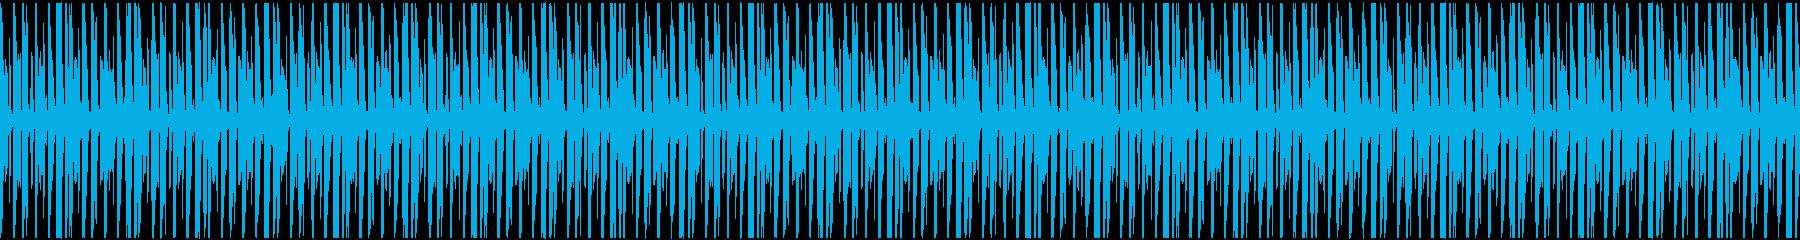 Webビデオゲームで使用できるセミ...の再生済みの波形